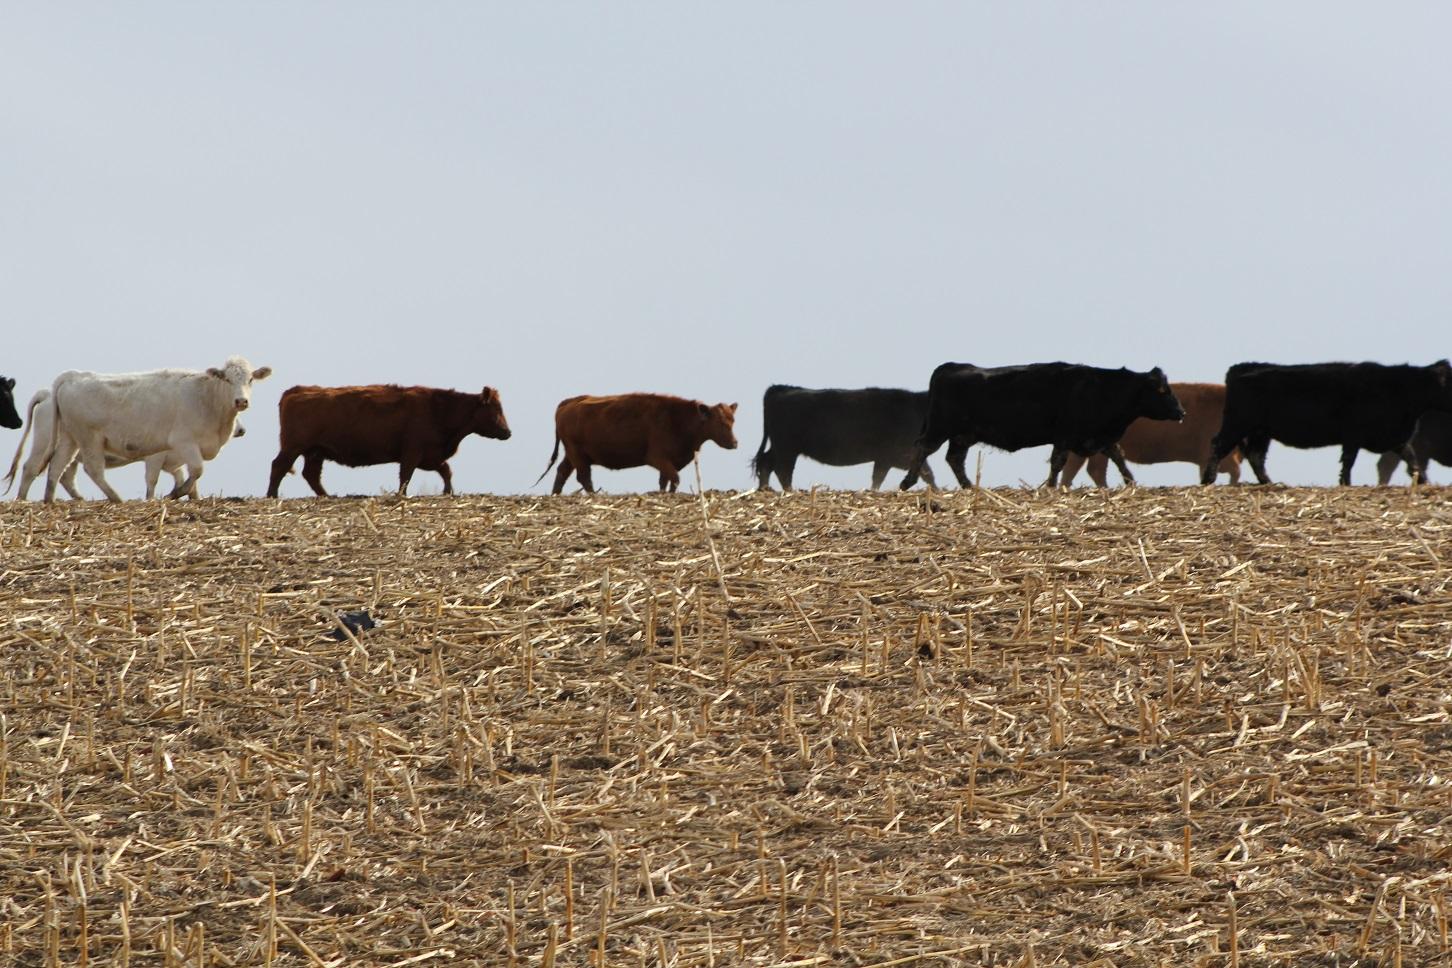 Cows in cornfield